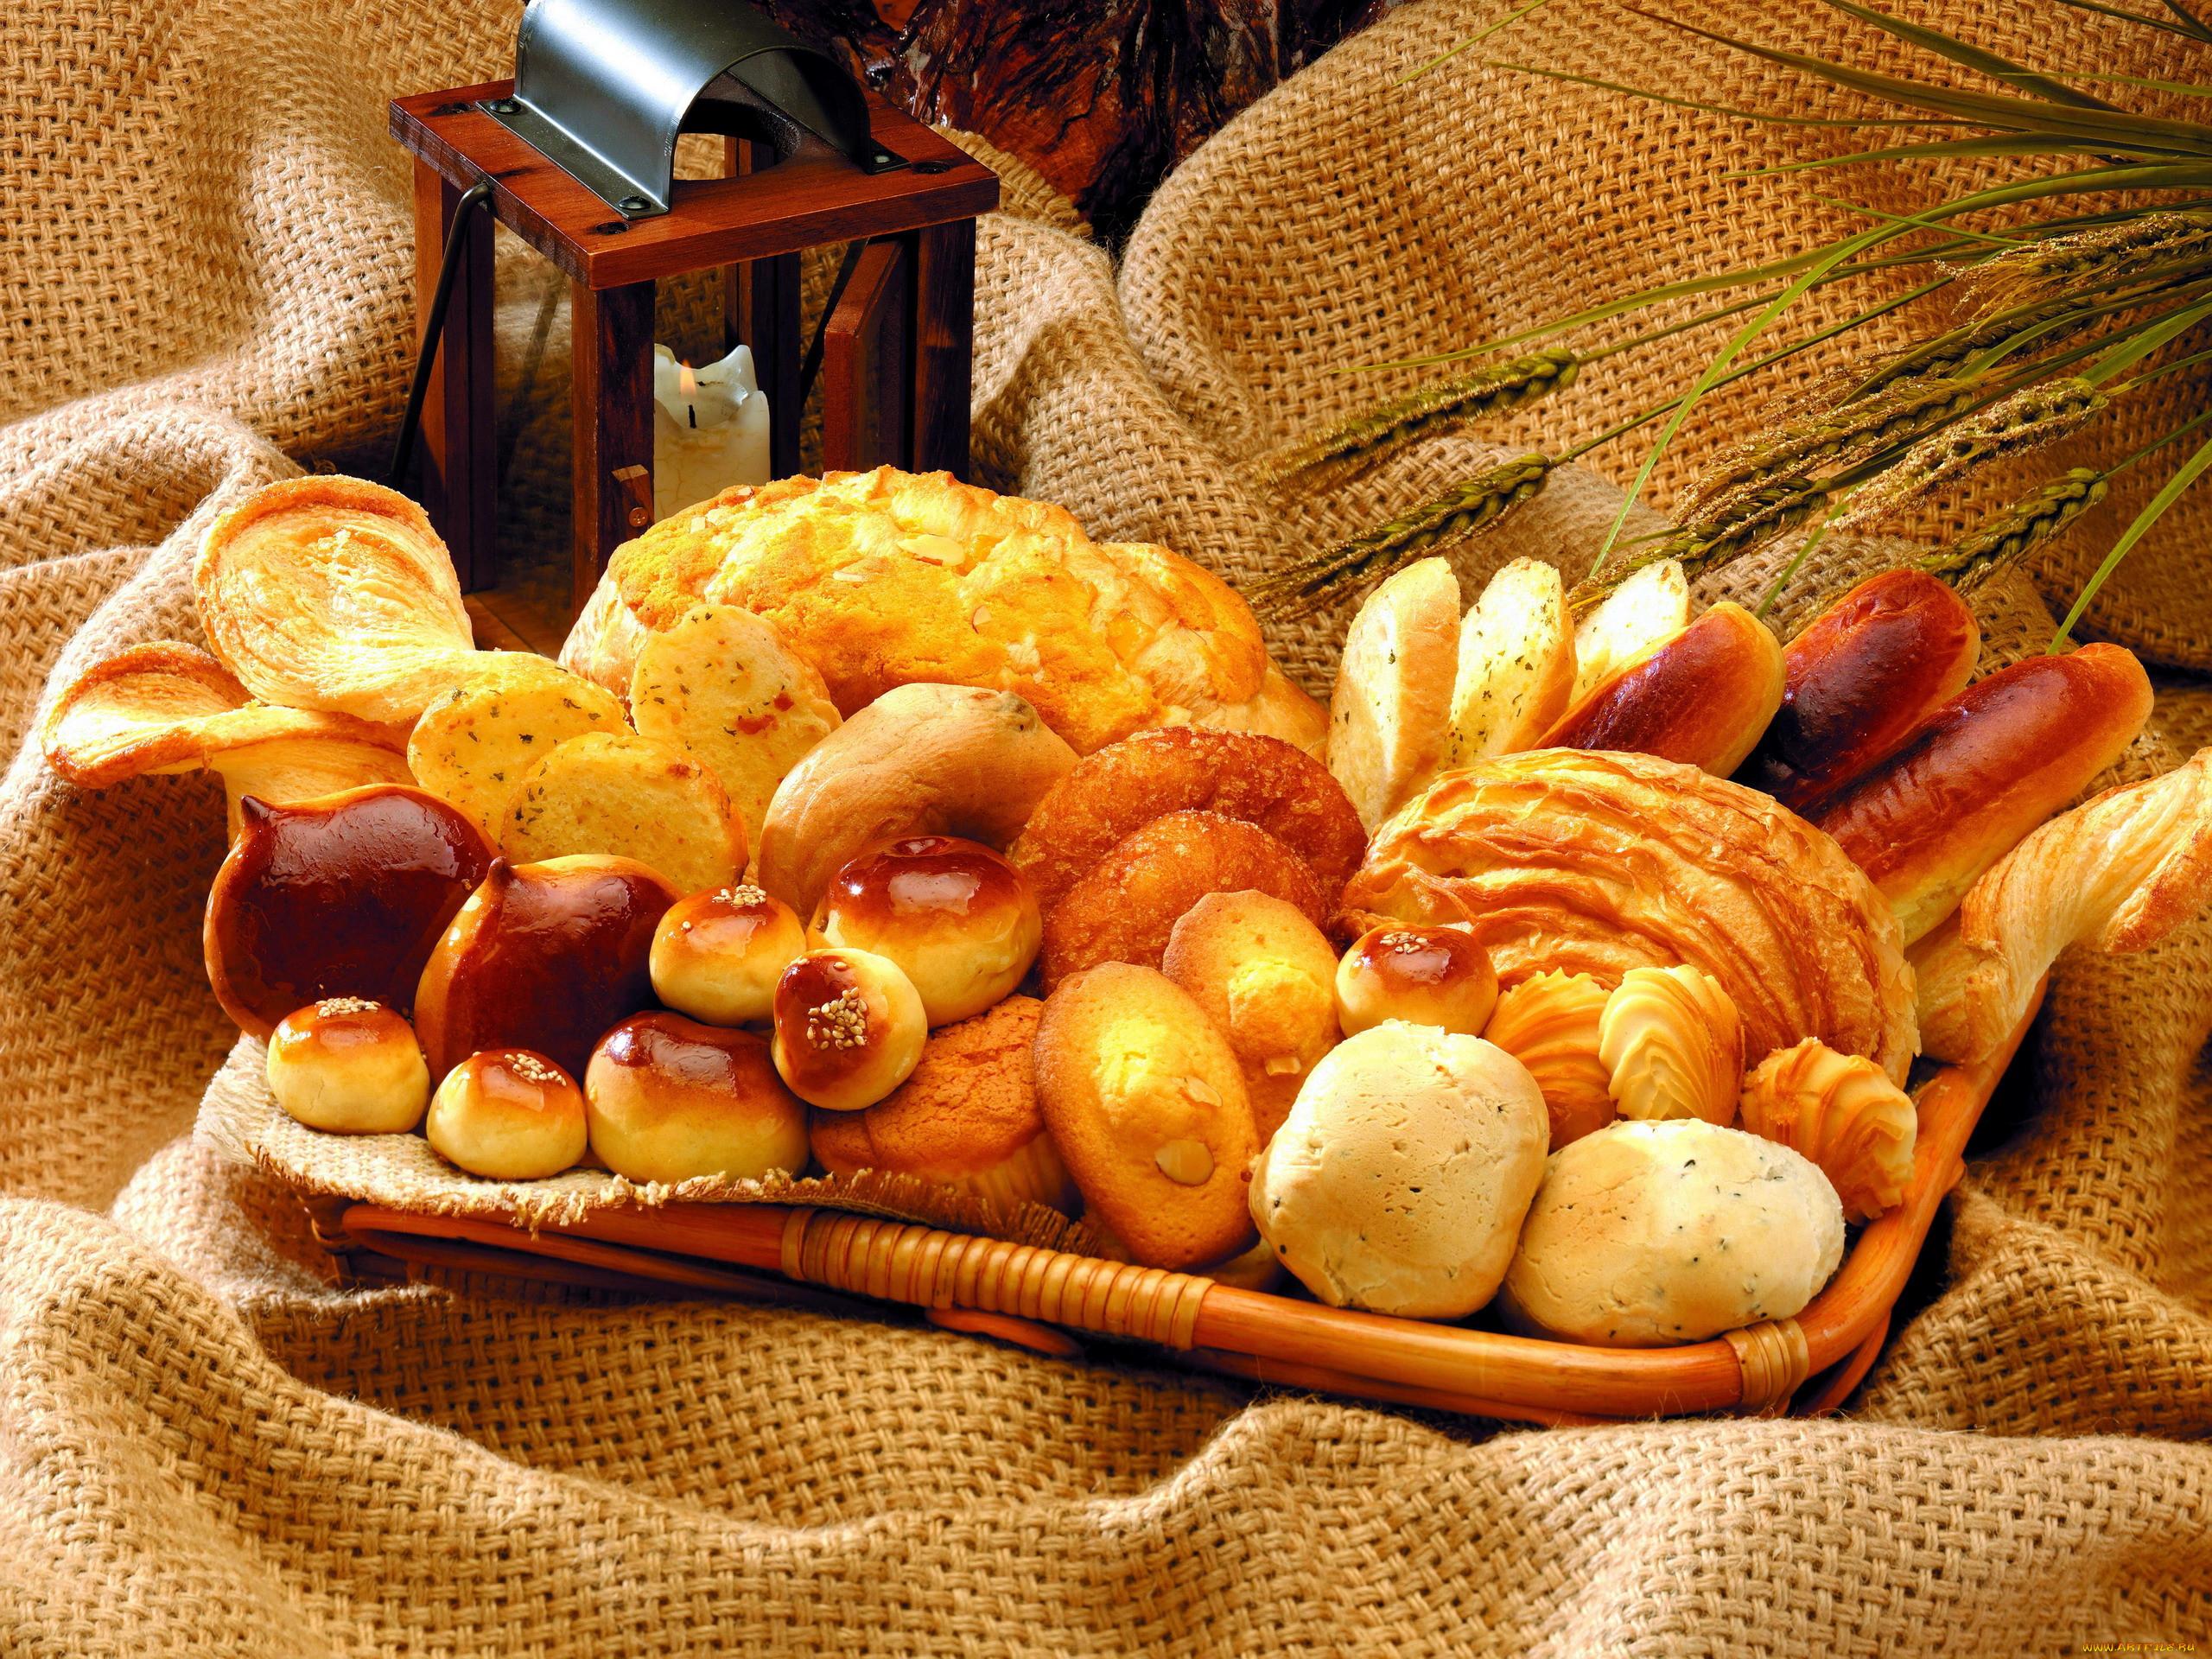 тому хлебный стол фото этой публикацией